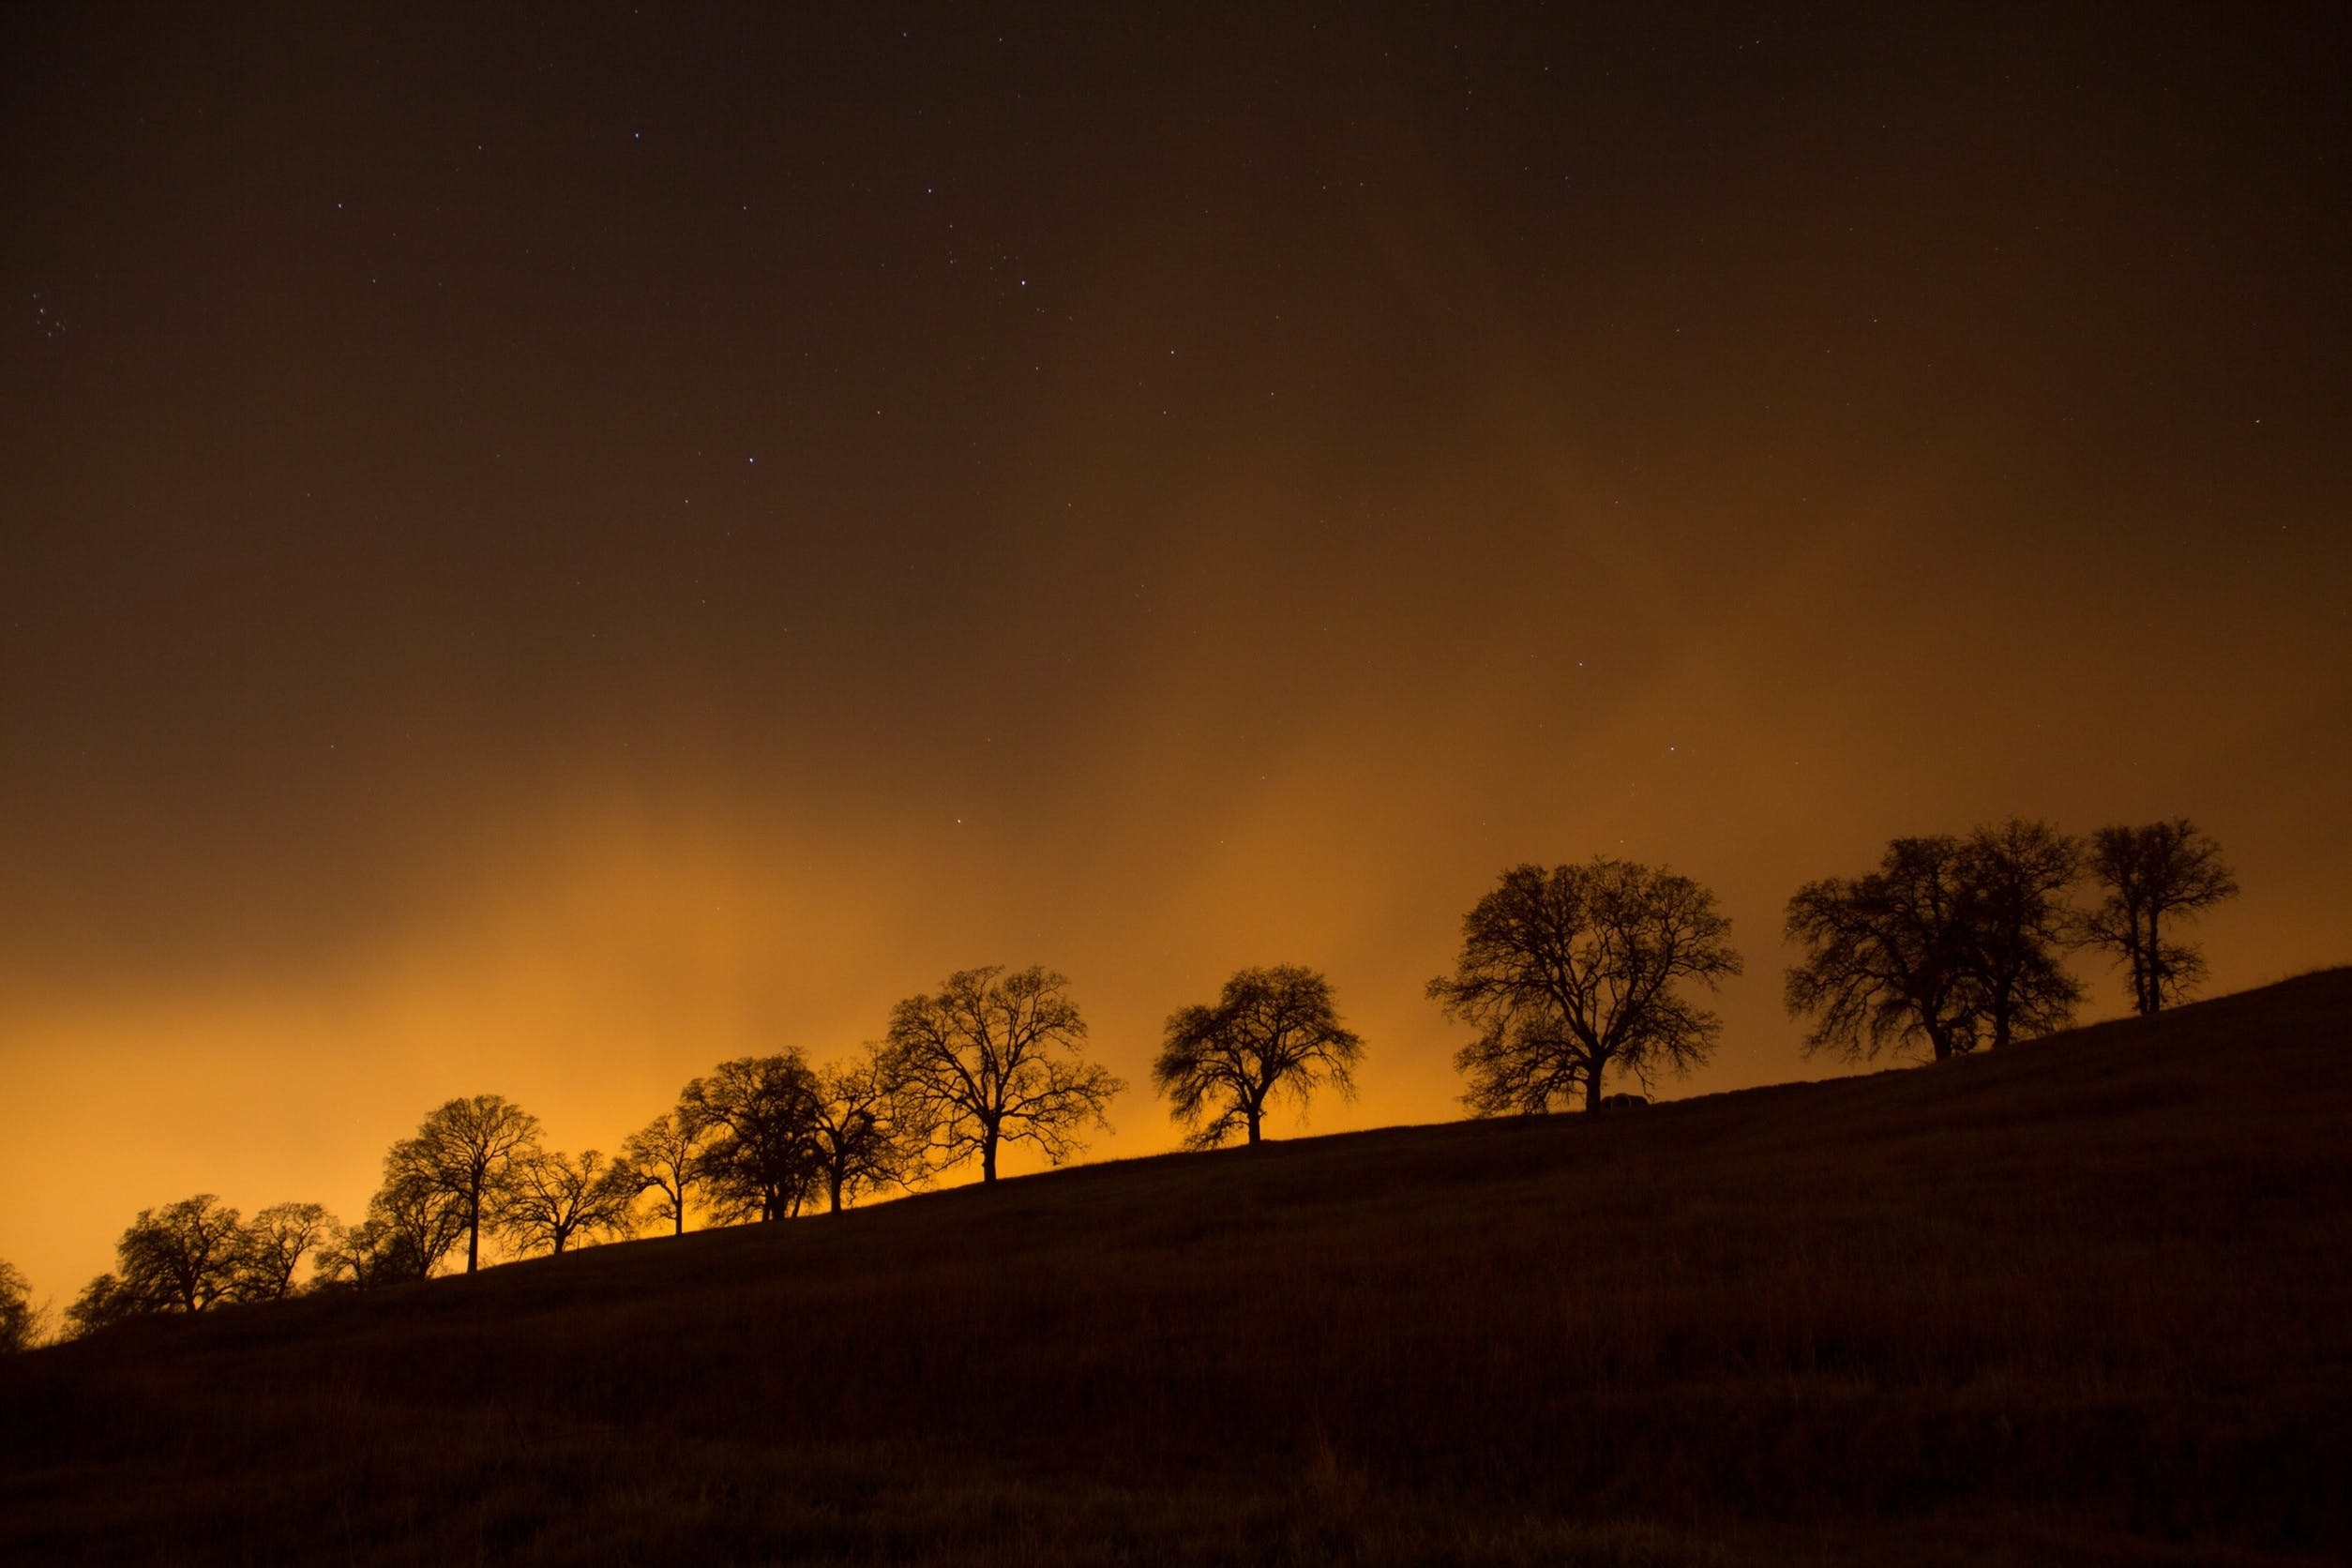 Free stock photo of sky, night, trees, silhouette